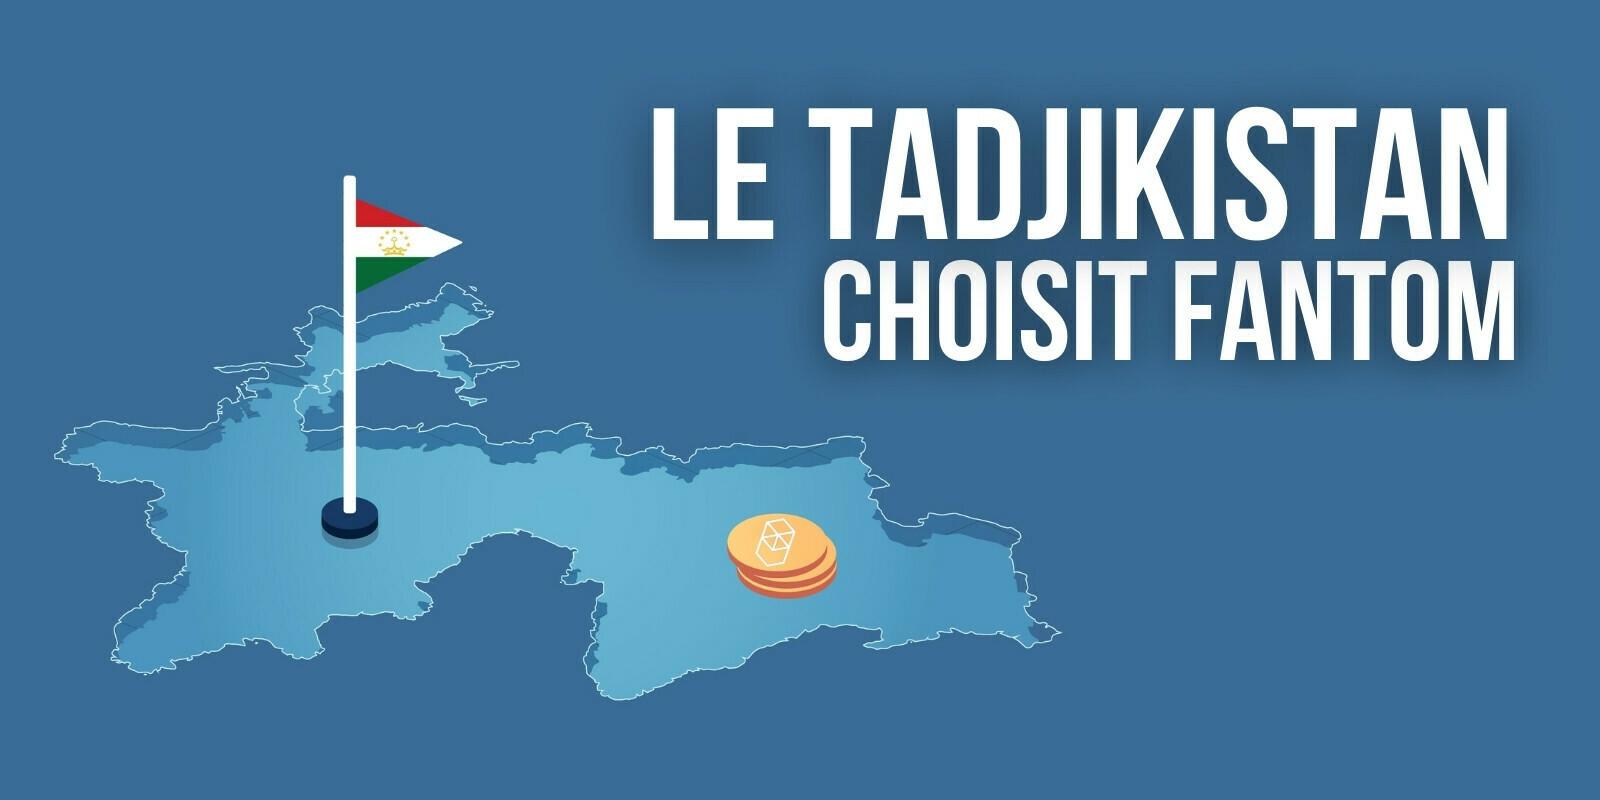 Fantom (FTM) a été choisi pour la monnaie numérique de banque centrale du Tadjikistan